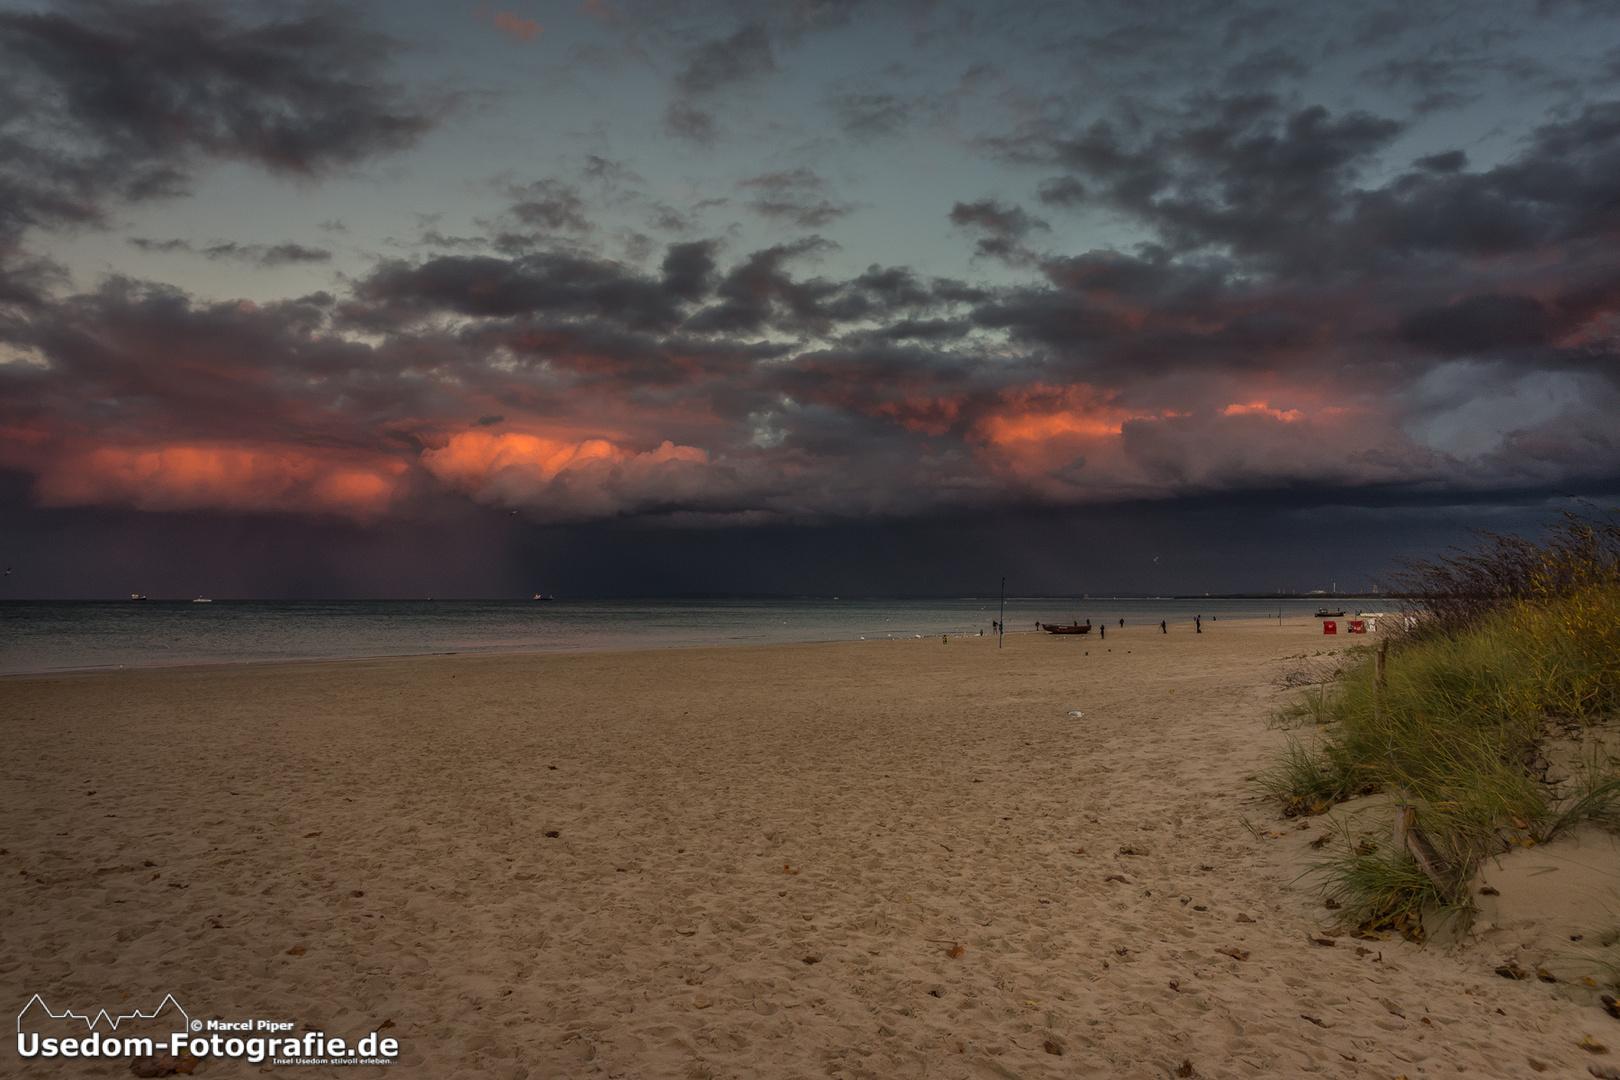 Naturschauspiel beim Sonnenuntergang über der Ostsee.